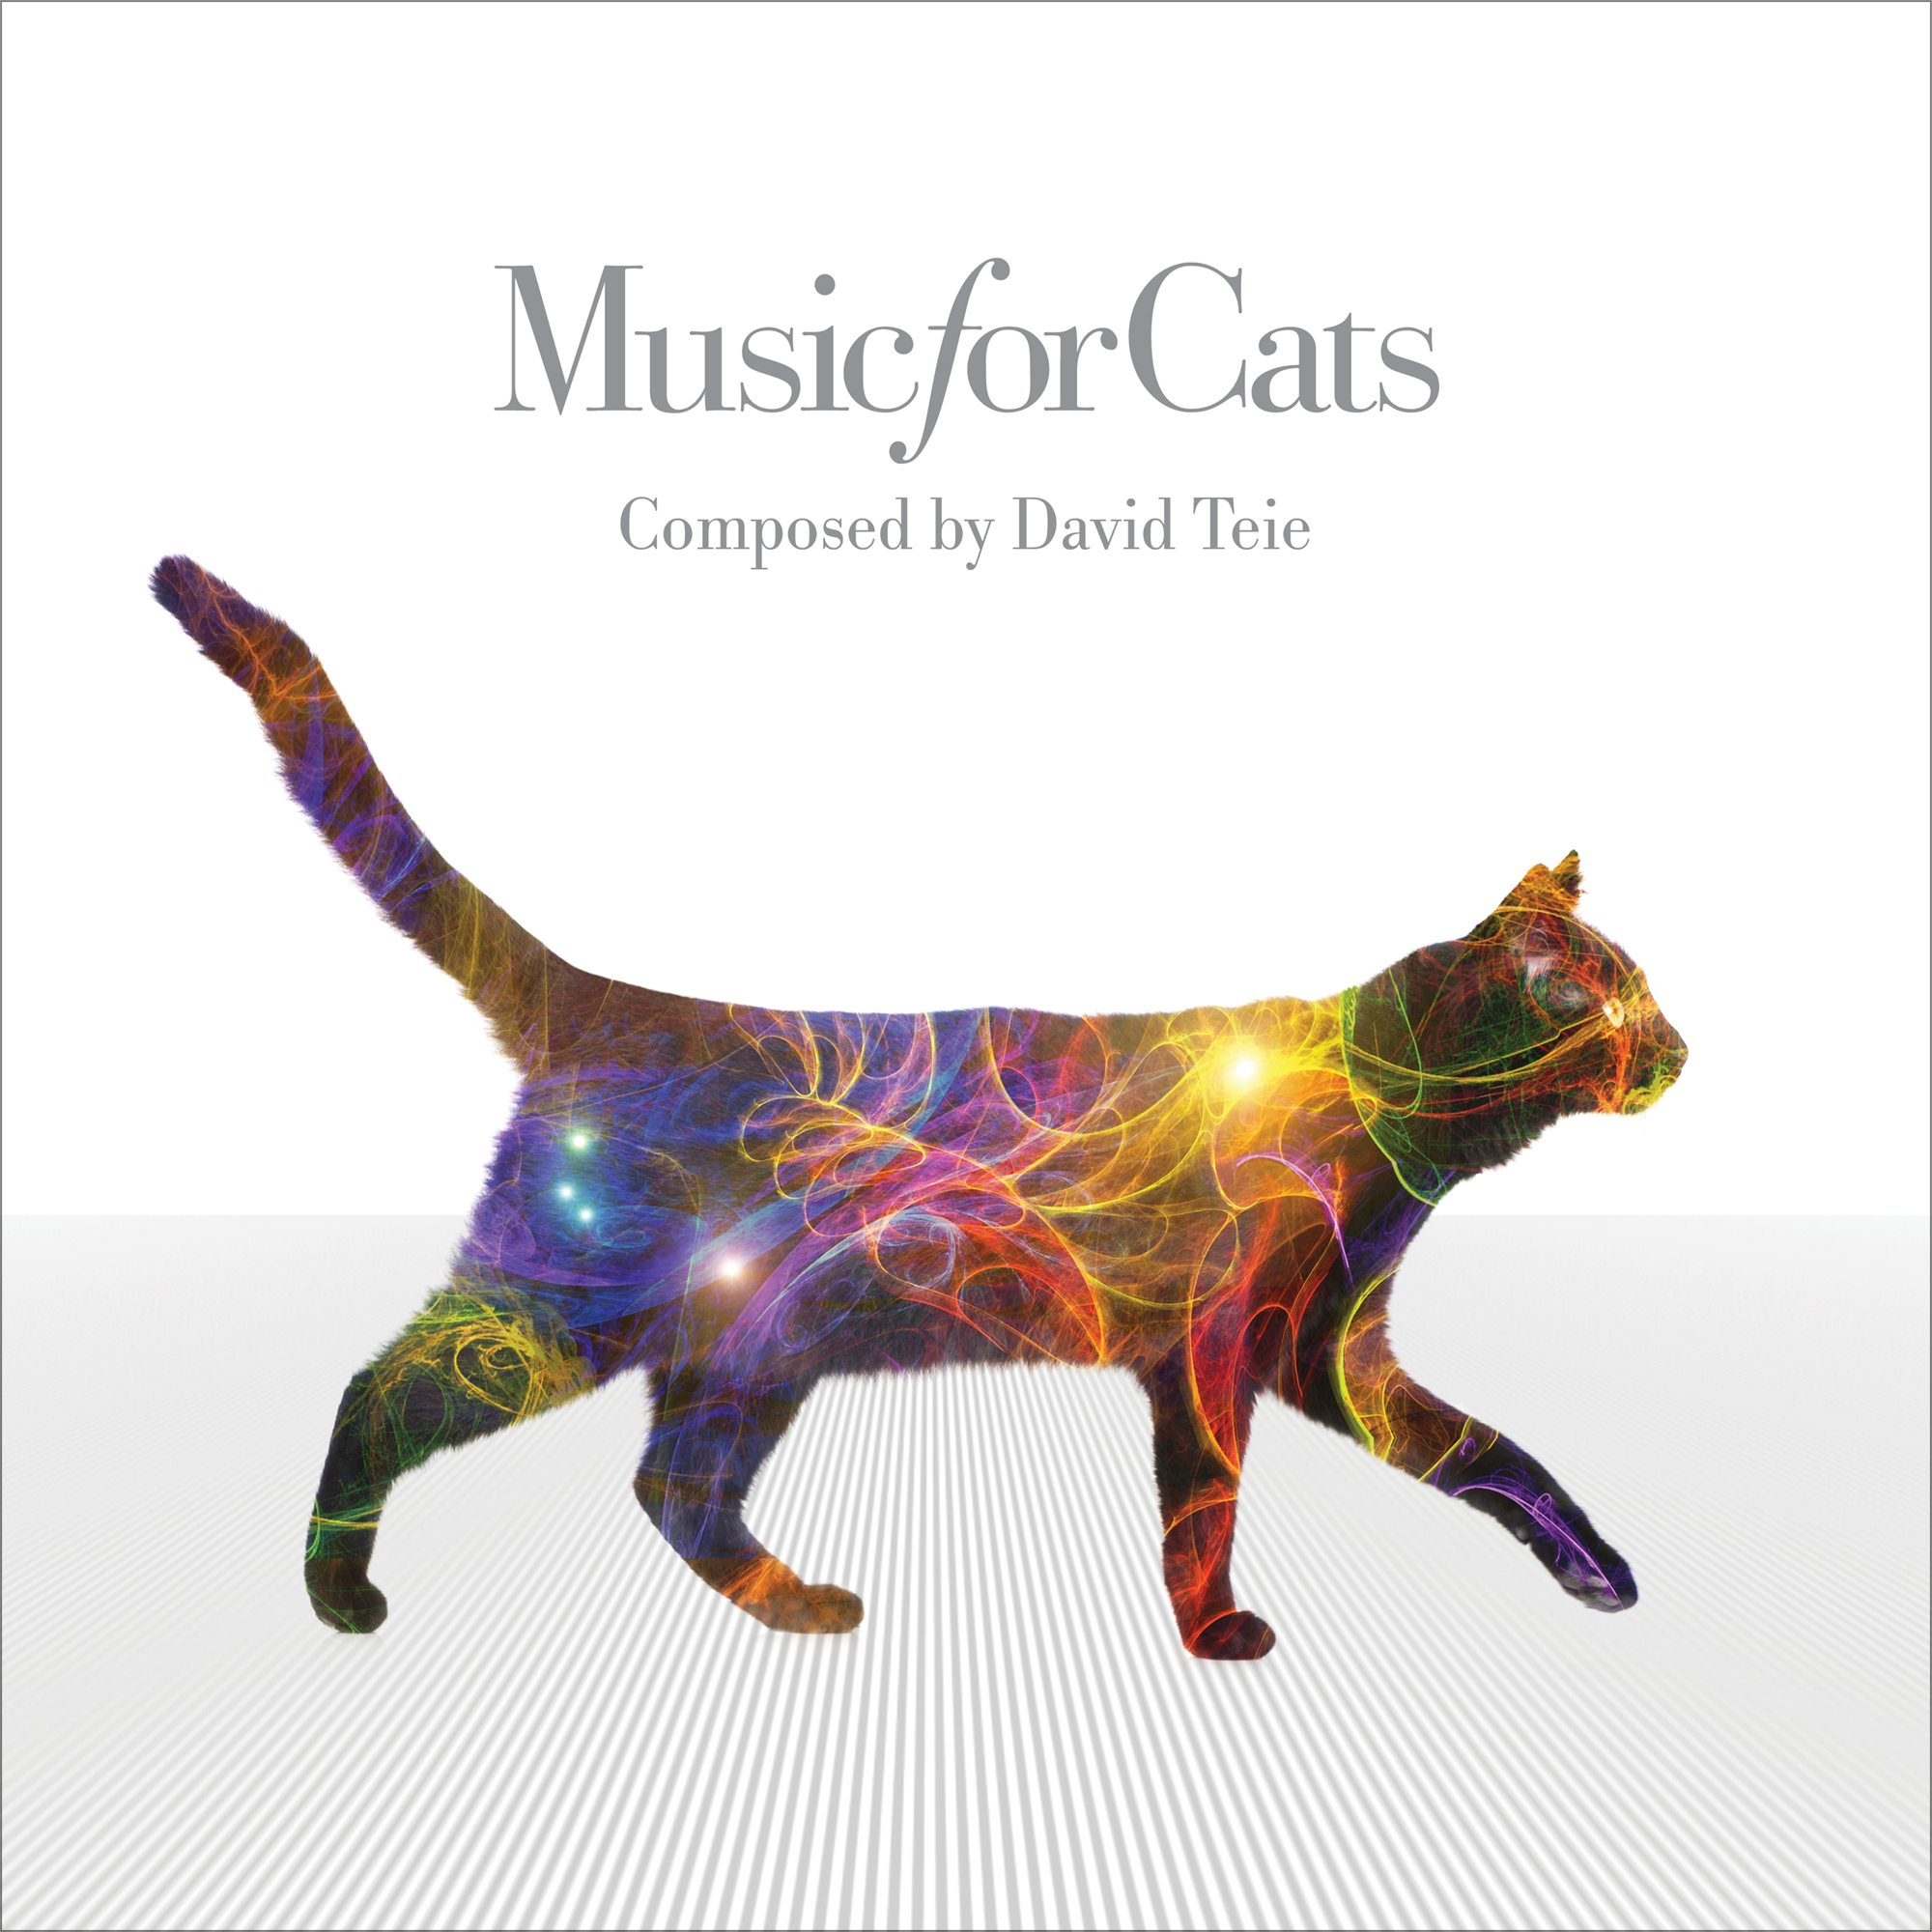 MusicForCats-VR20160815-2000x2000x72